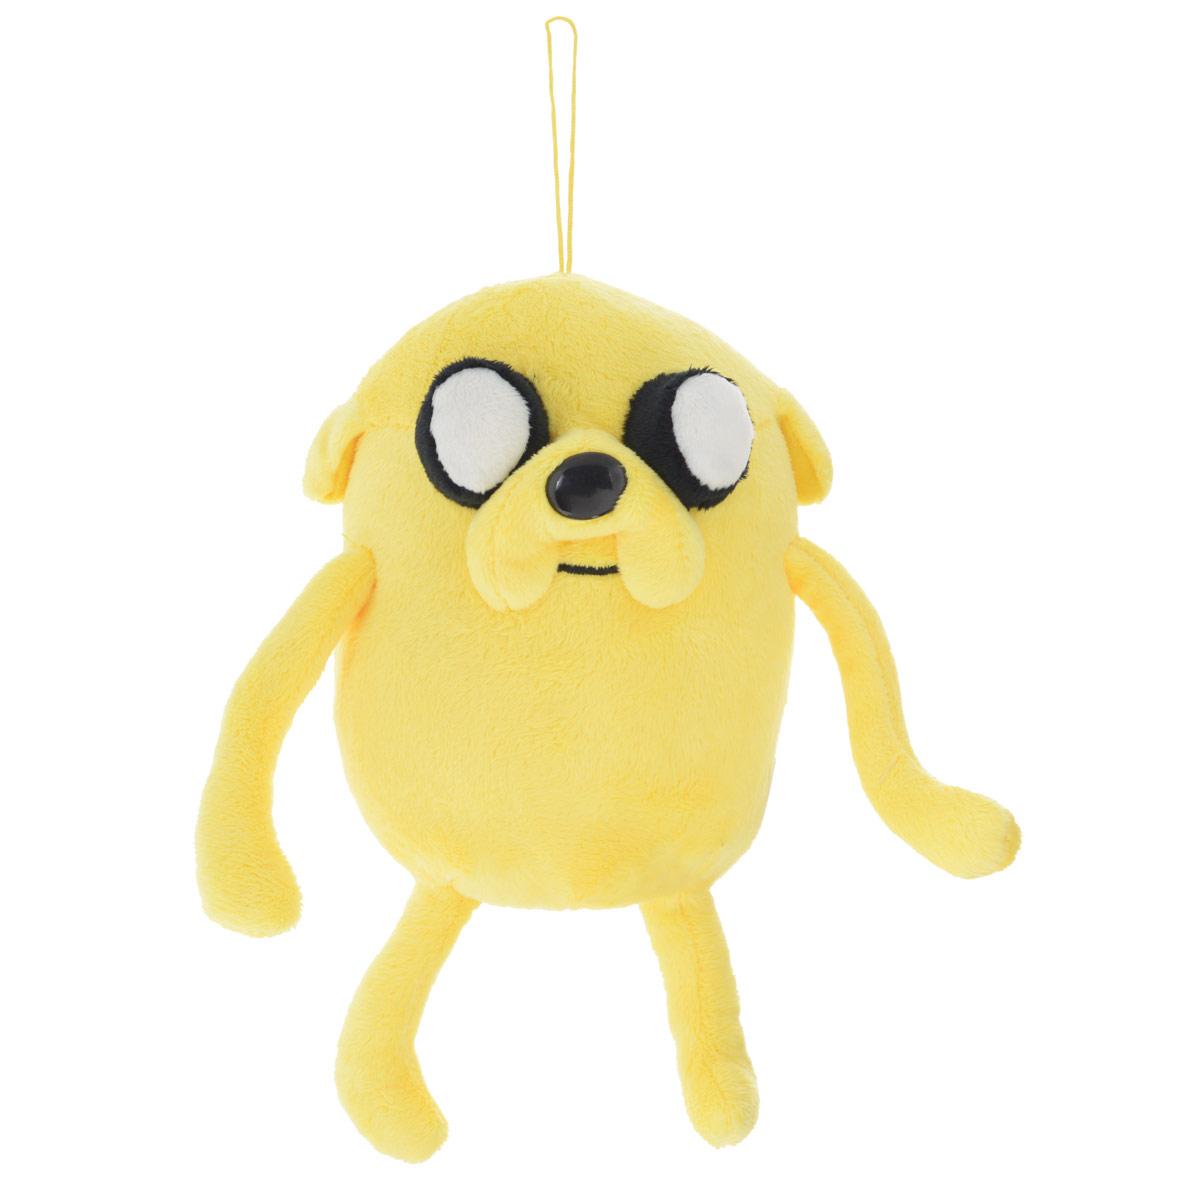 Мягкая игрушка Adventure Time Пес Джейк, 22 см малышарики мягкая игрушка собака бассет хаунд 23 см